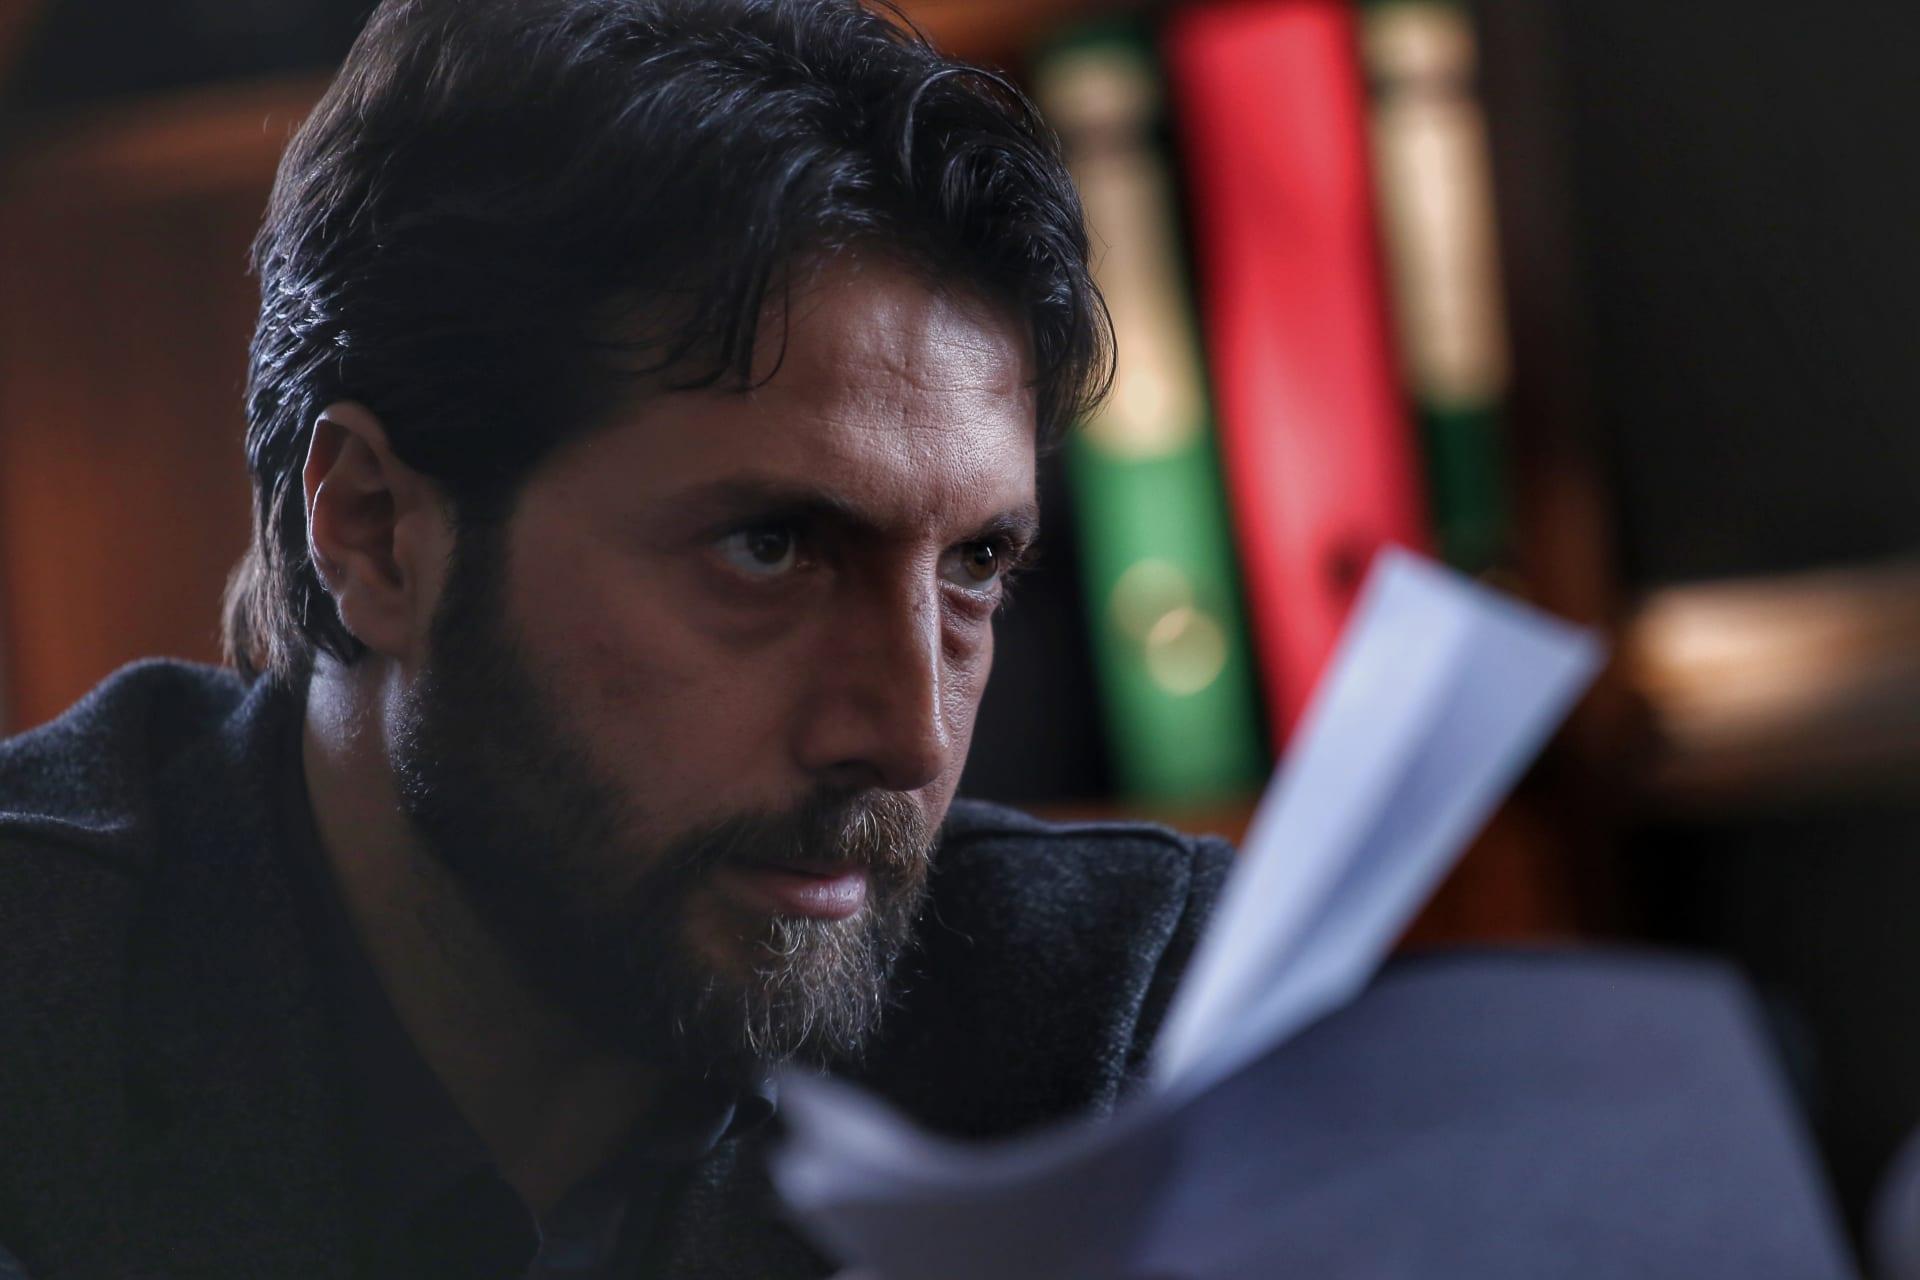 صورة للممثل السوري محمد الأحمد